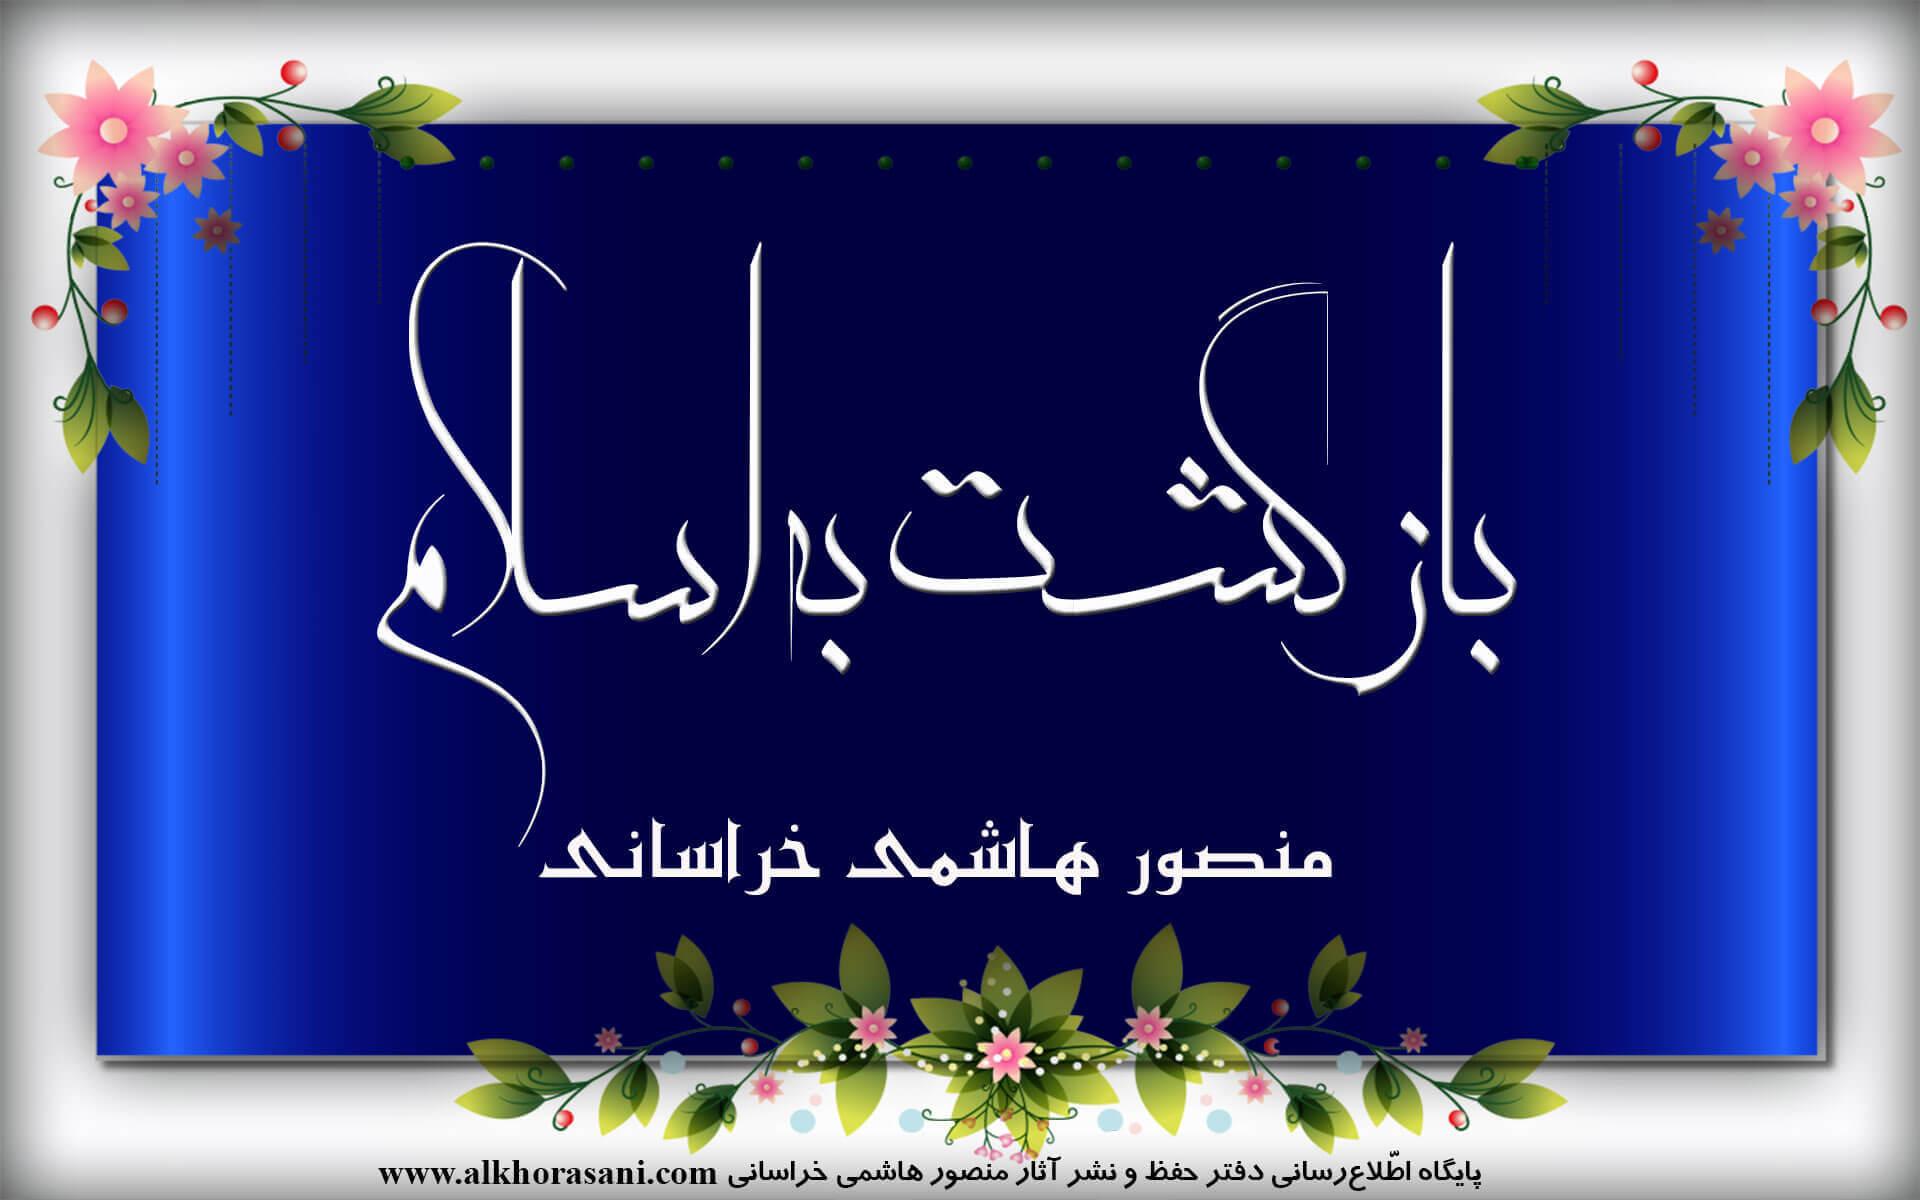 کتاب «بازگشت به اسلام» (6)